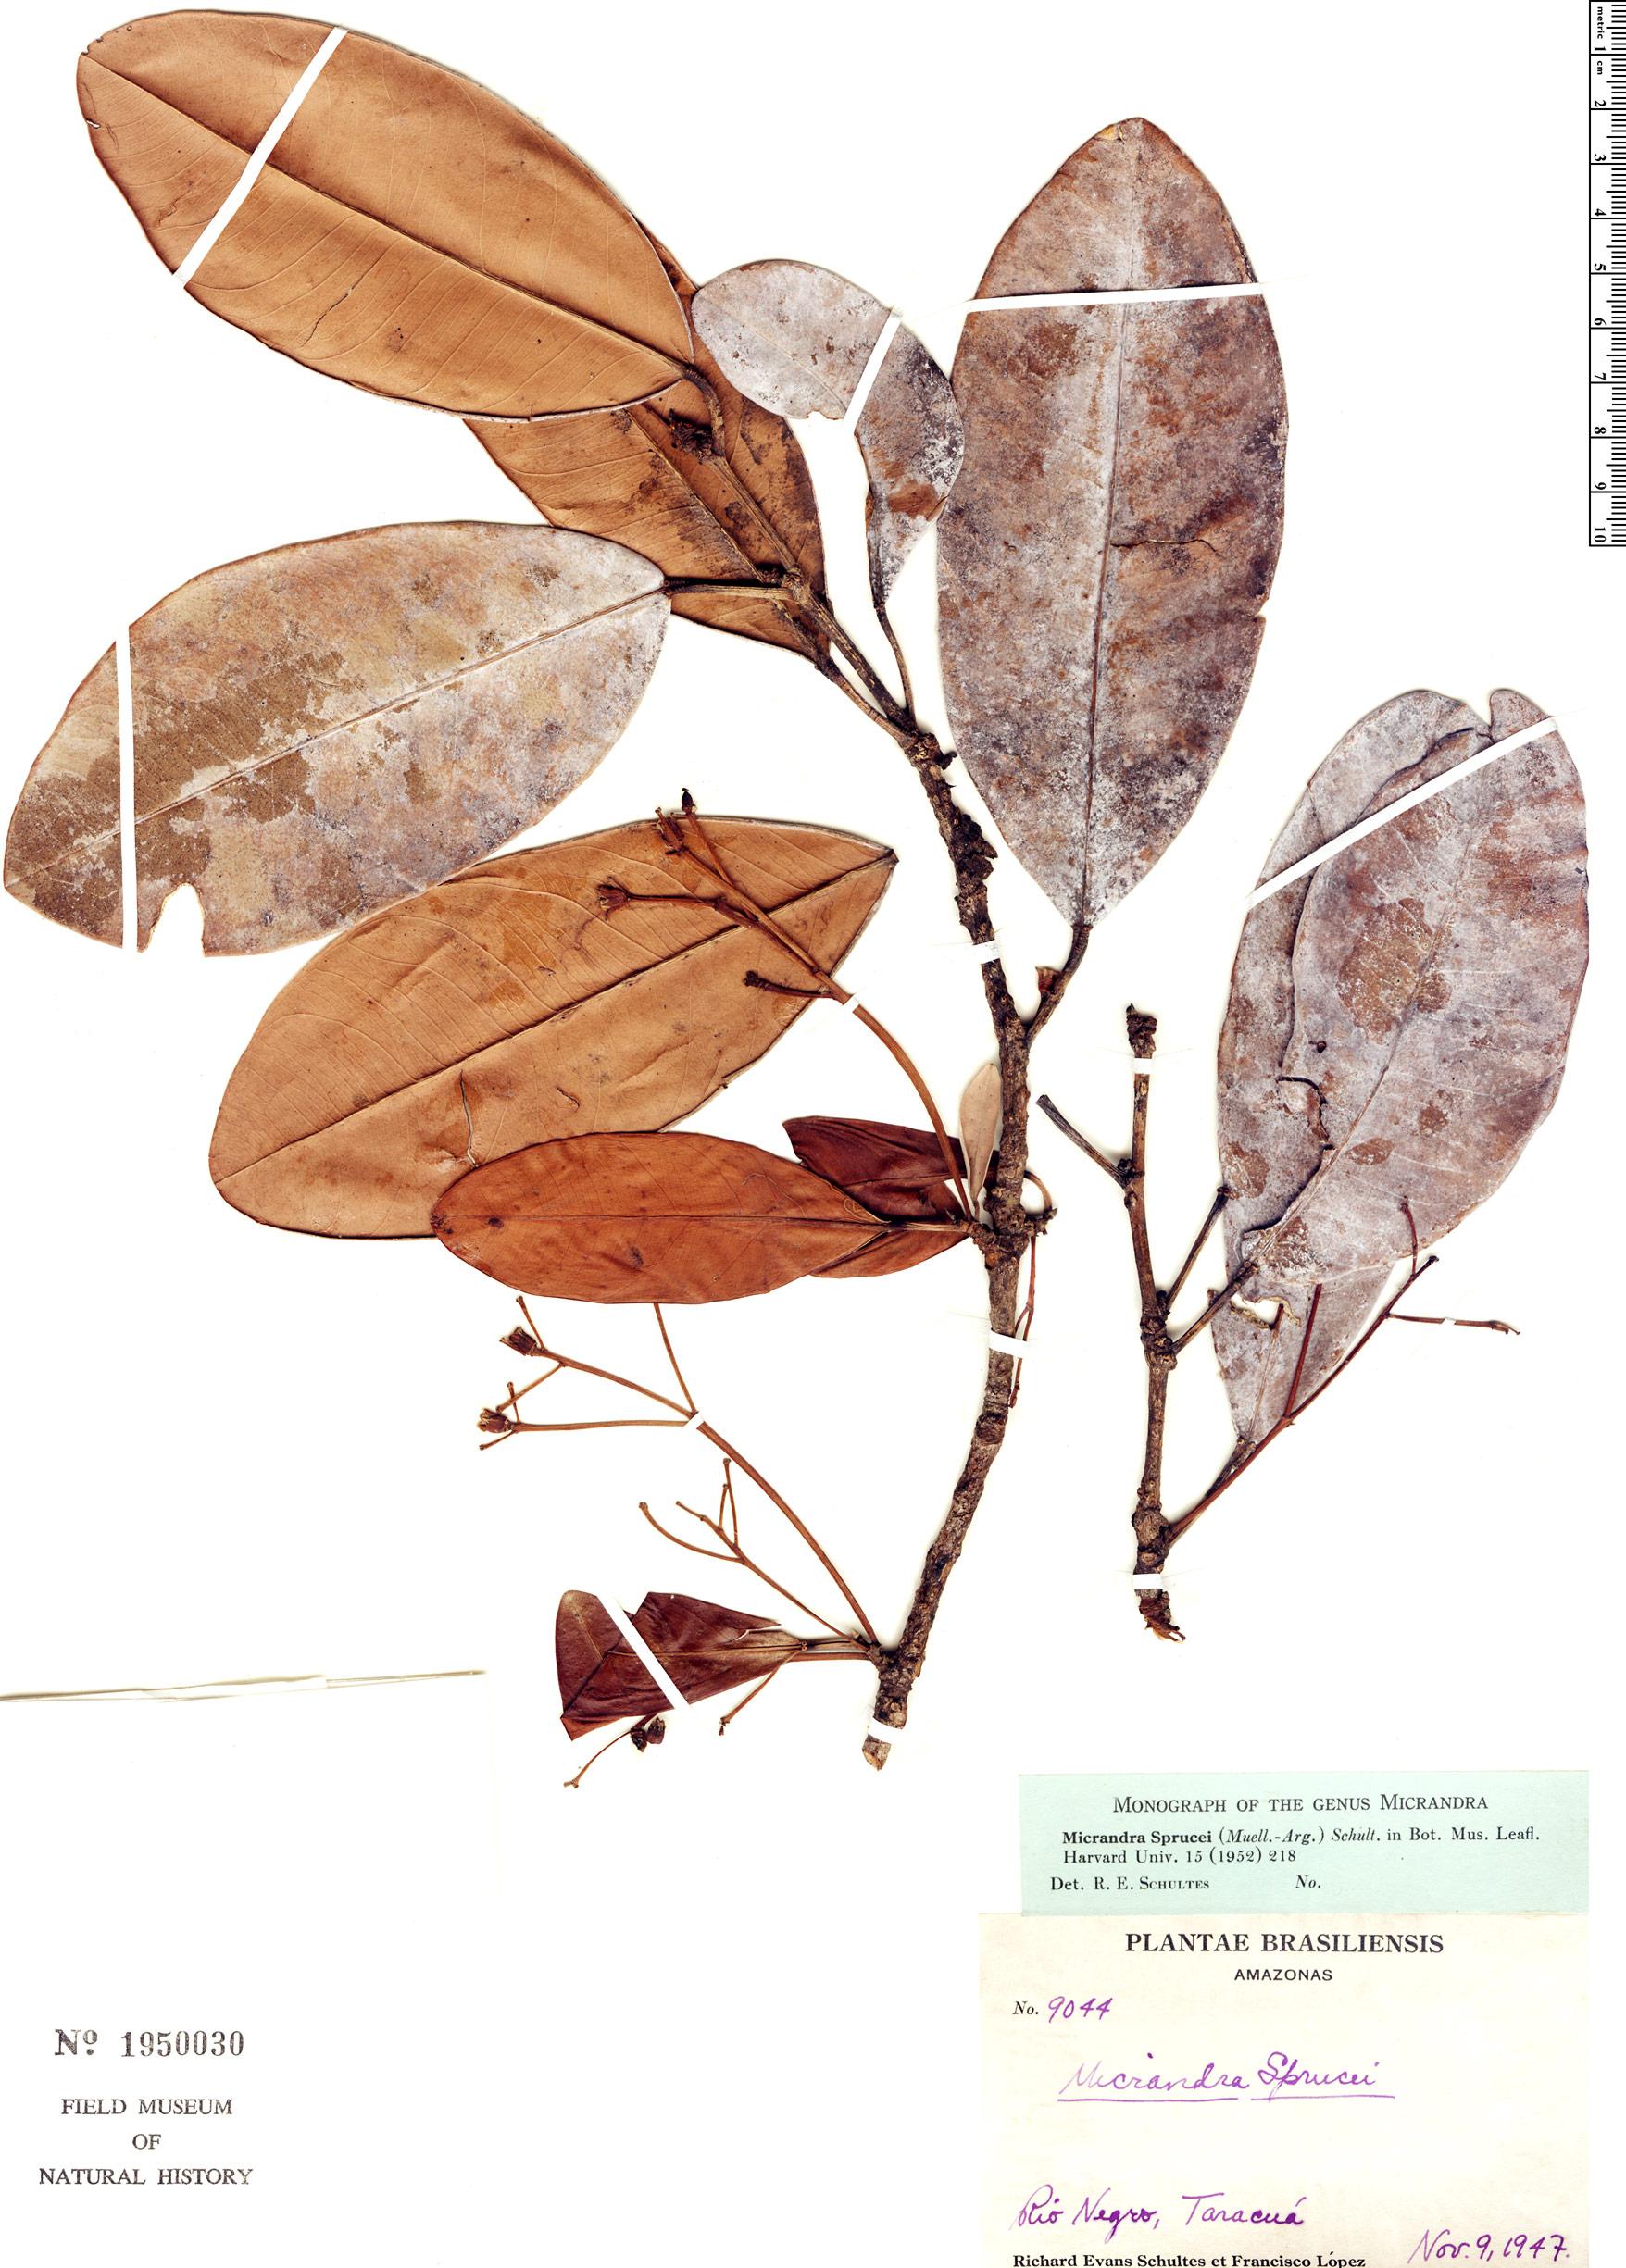 Espécimen: Micrandra sprucei